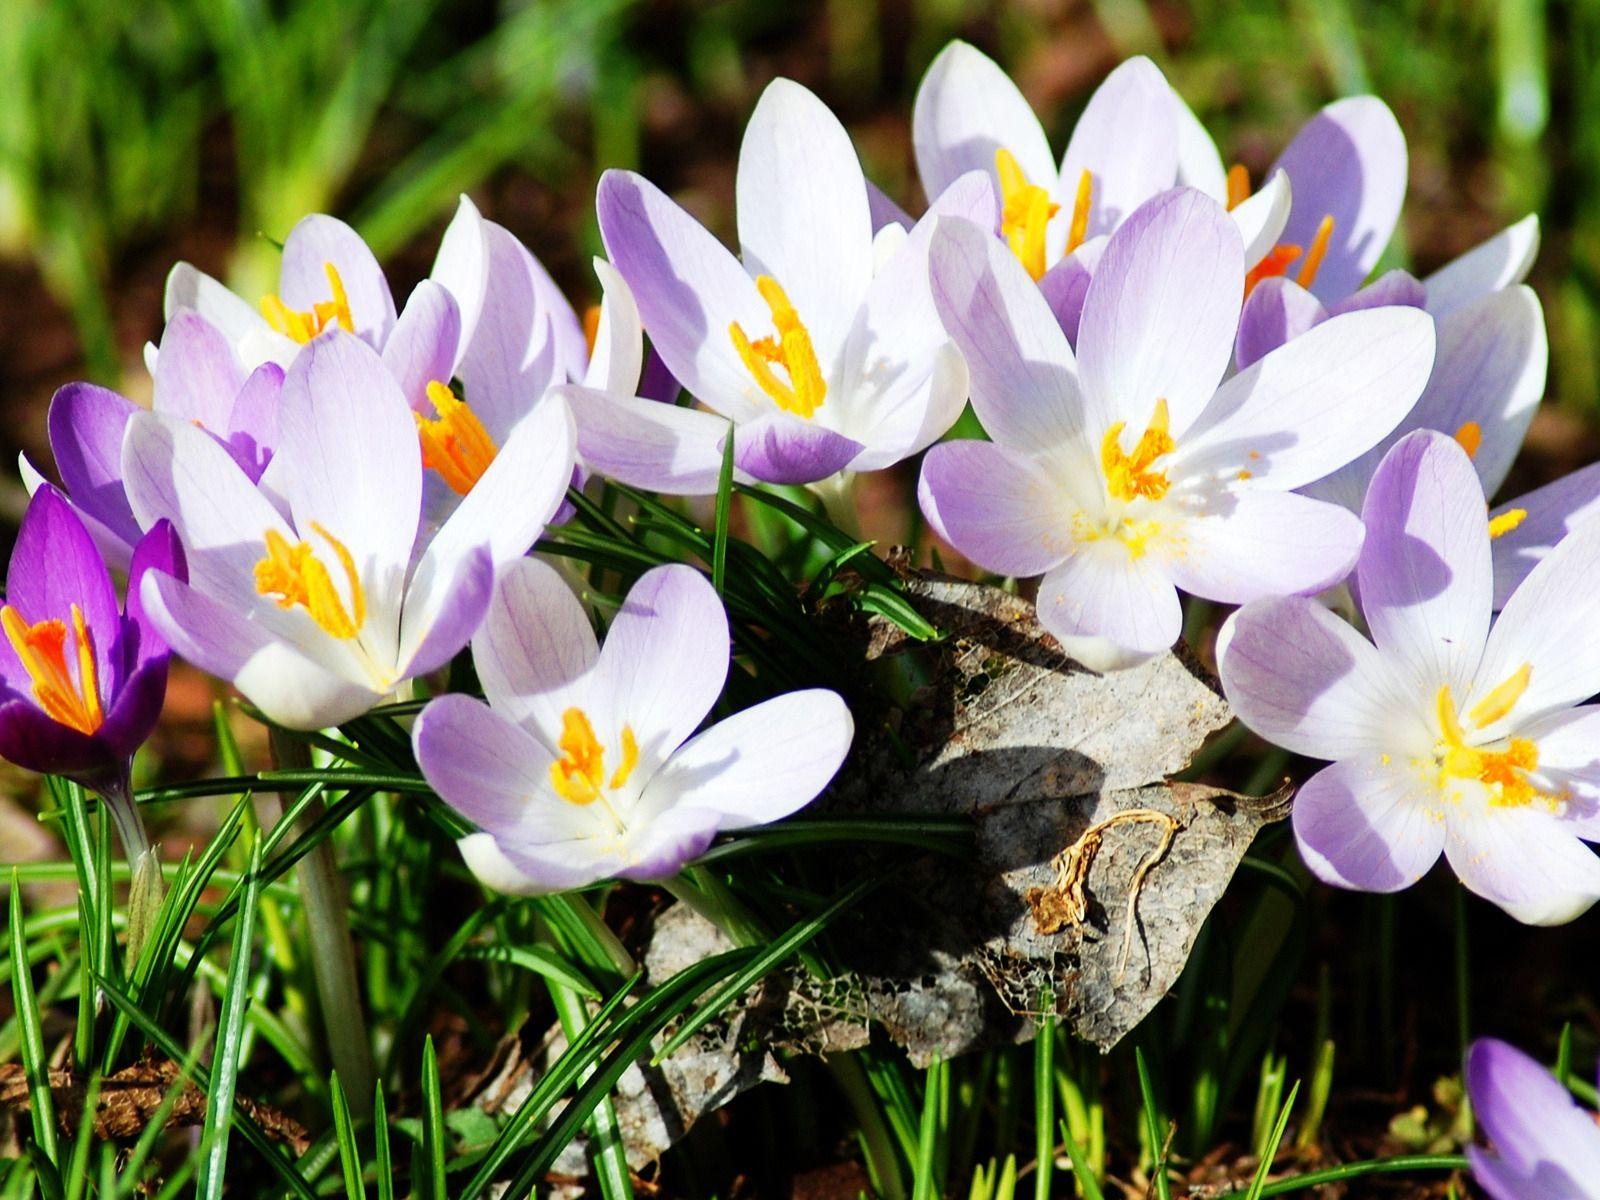 BANCO DE IMAGENES GRATIS: 12 Fotos De Flores Preciosas En